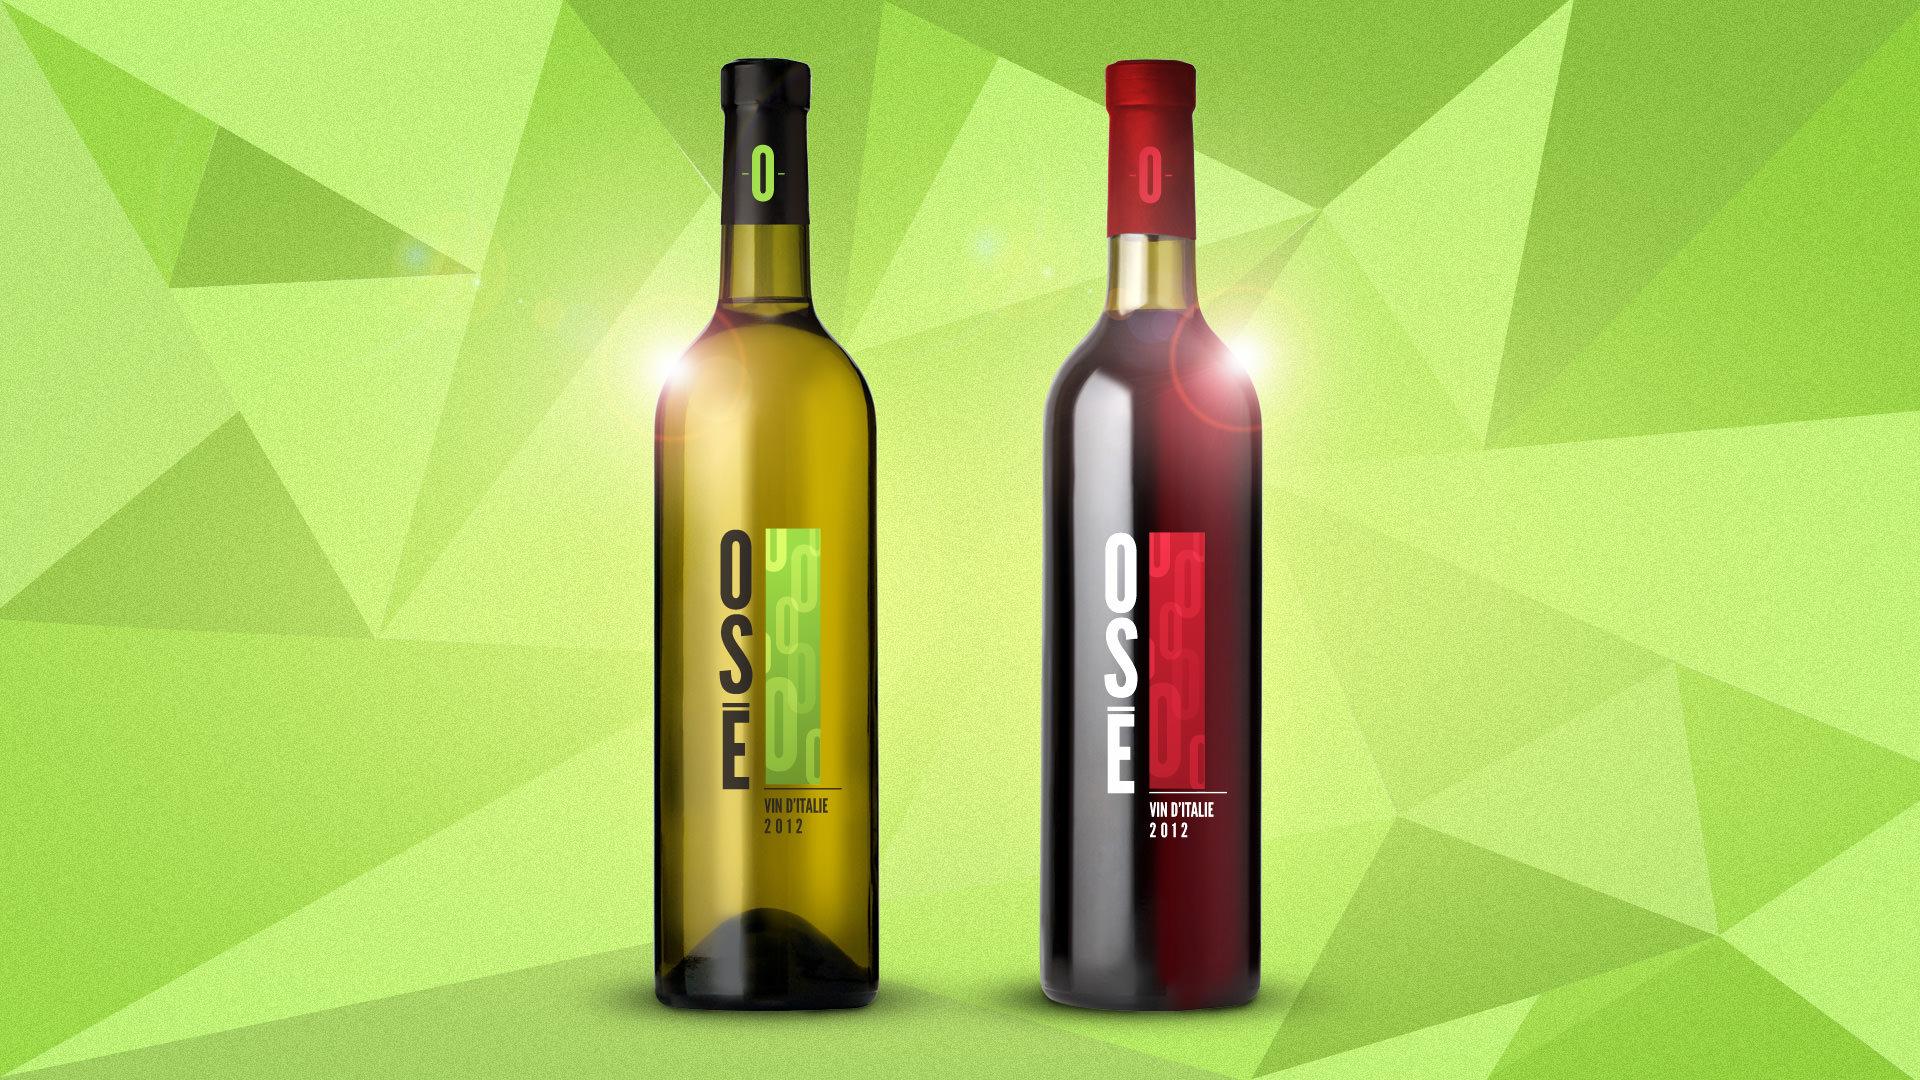 gabarit-thumb-topimage-portfolio-etiquette-vin